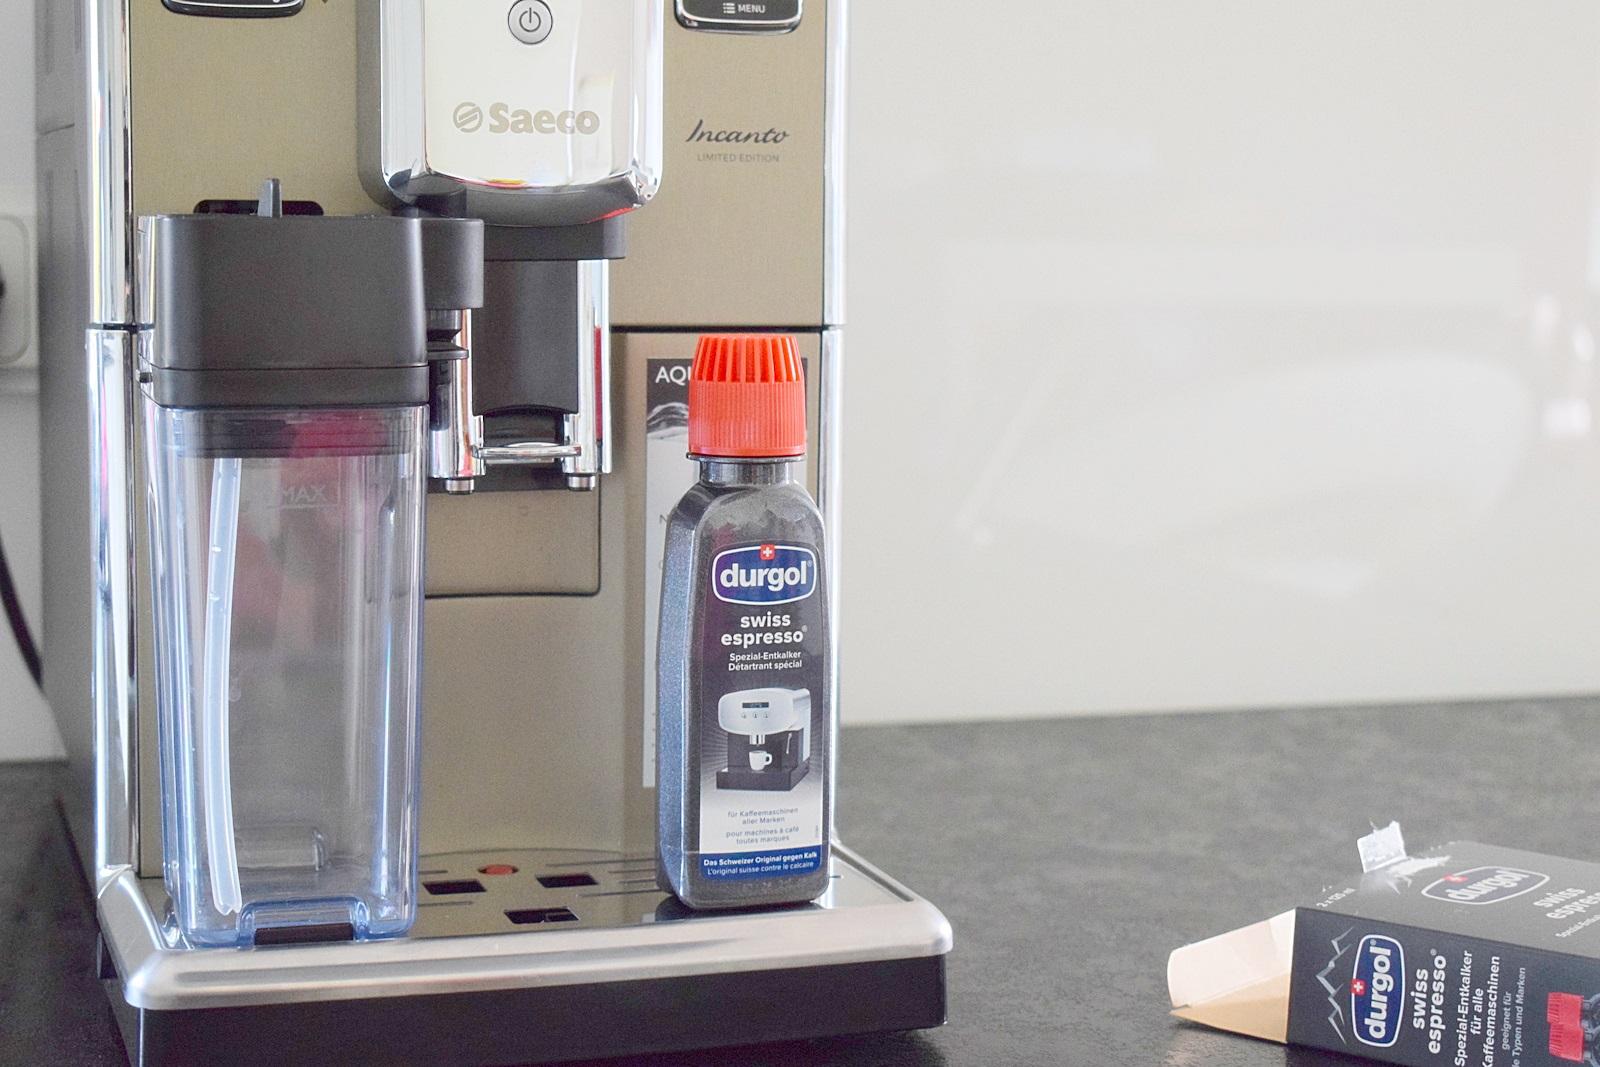 kaffeemaschine richtig entkalken  unalife ~ Wasserkocher Mit Essig Entkalken